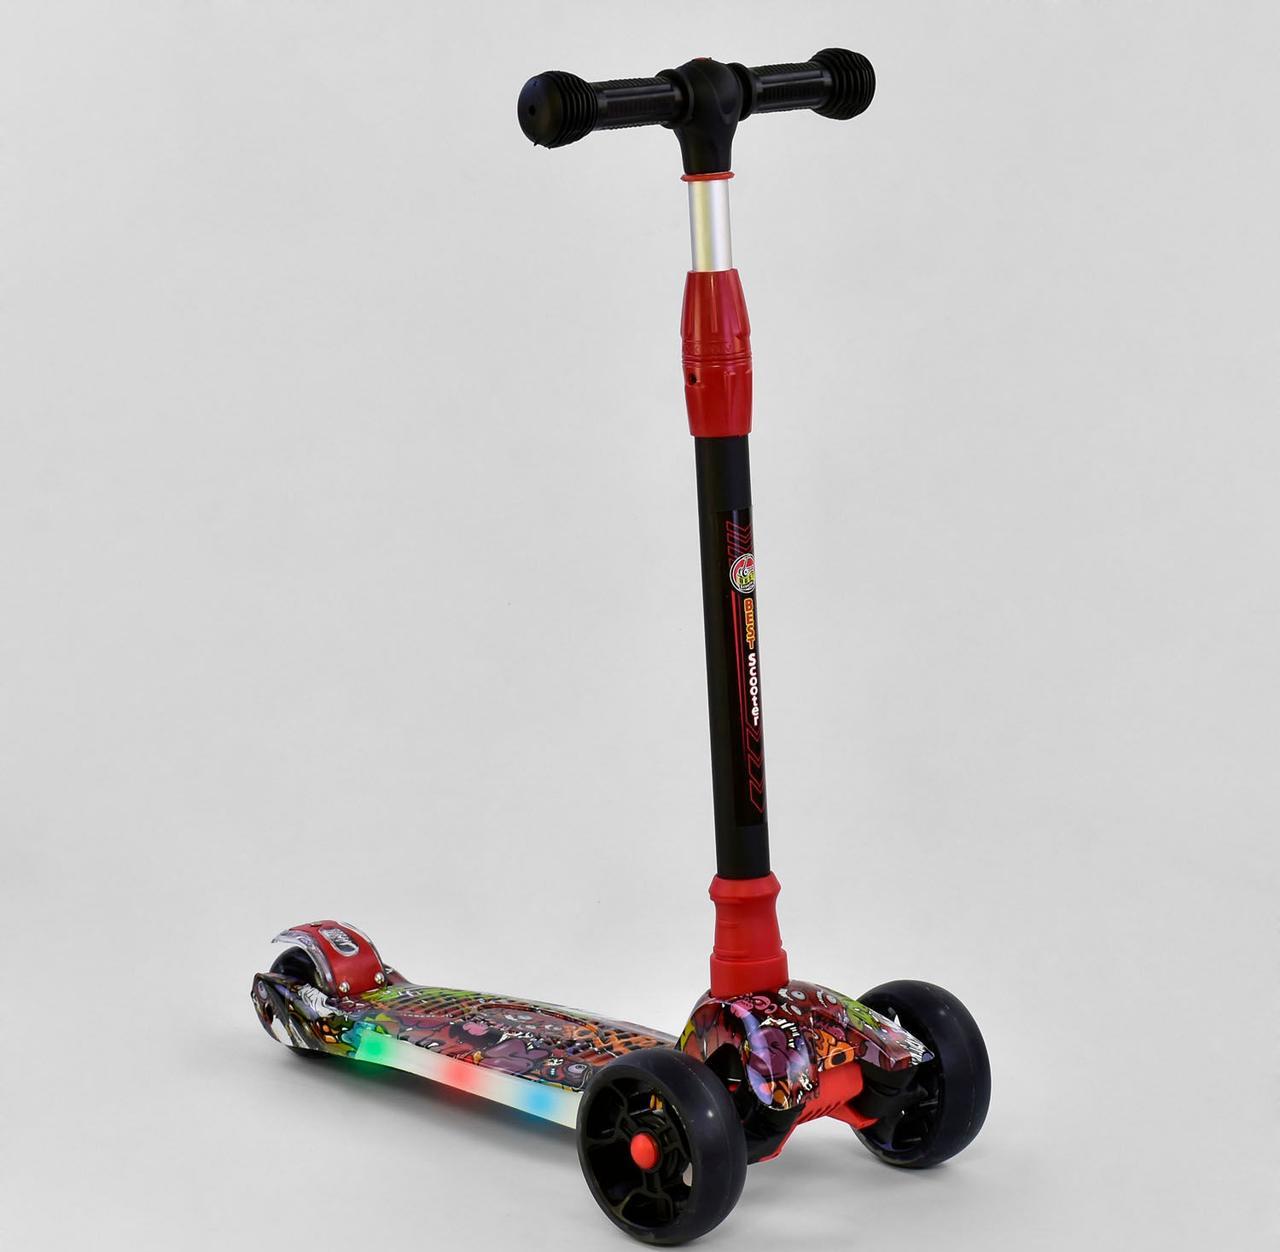 Детский самокат MAXI Best Scooter. Графити Красный . Светящаяся  платформа и колеса!